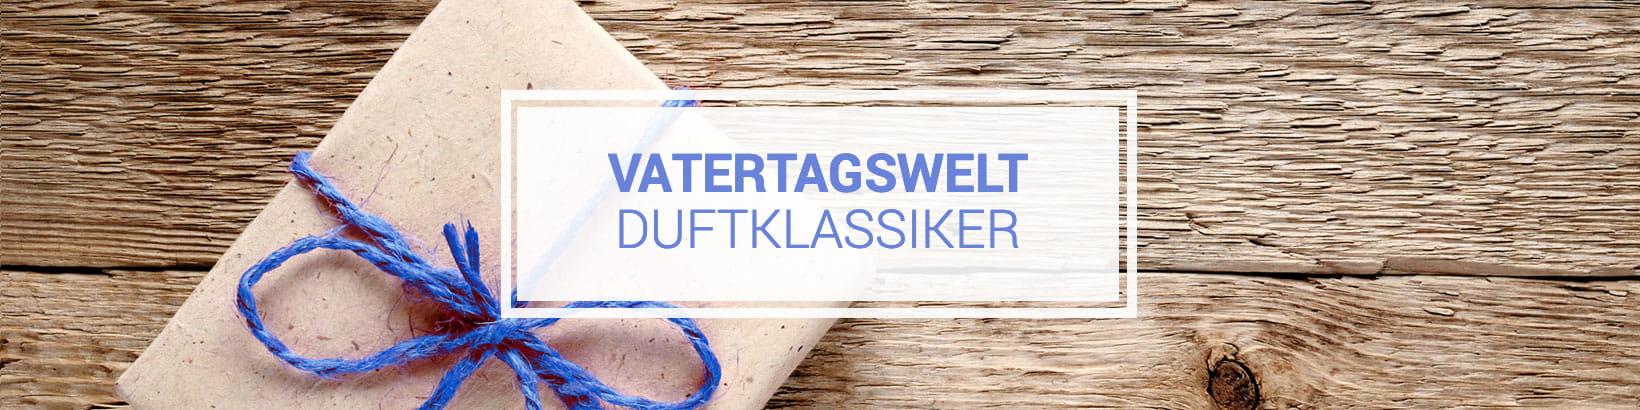 Visual-1640x410-Vatertag-Duftklassiker